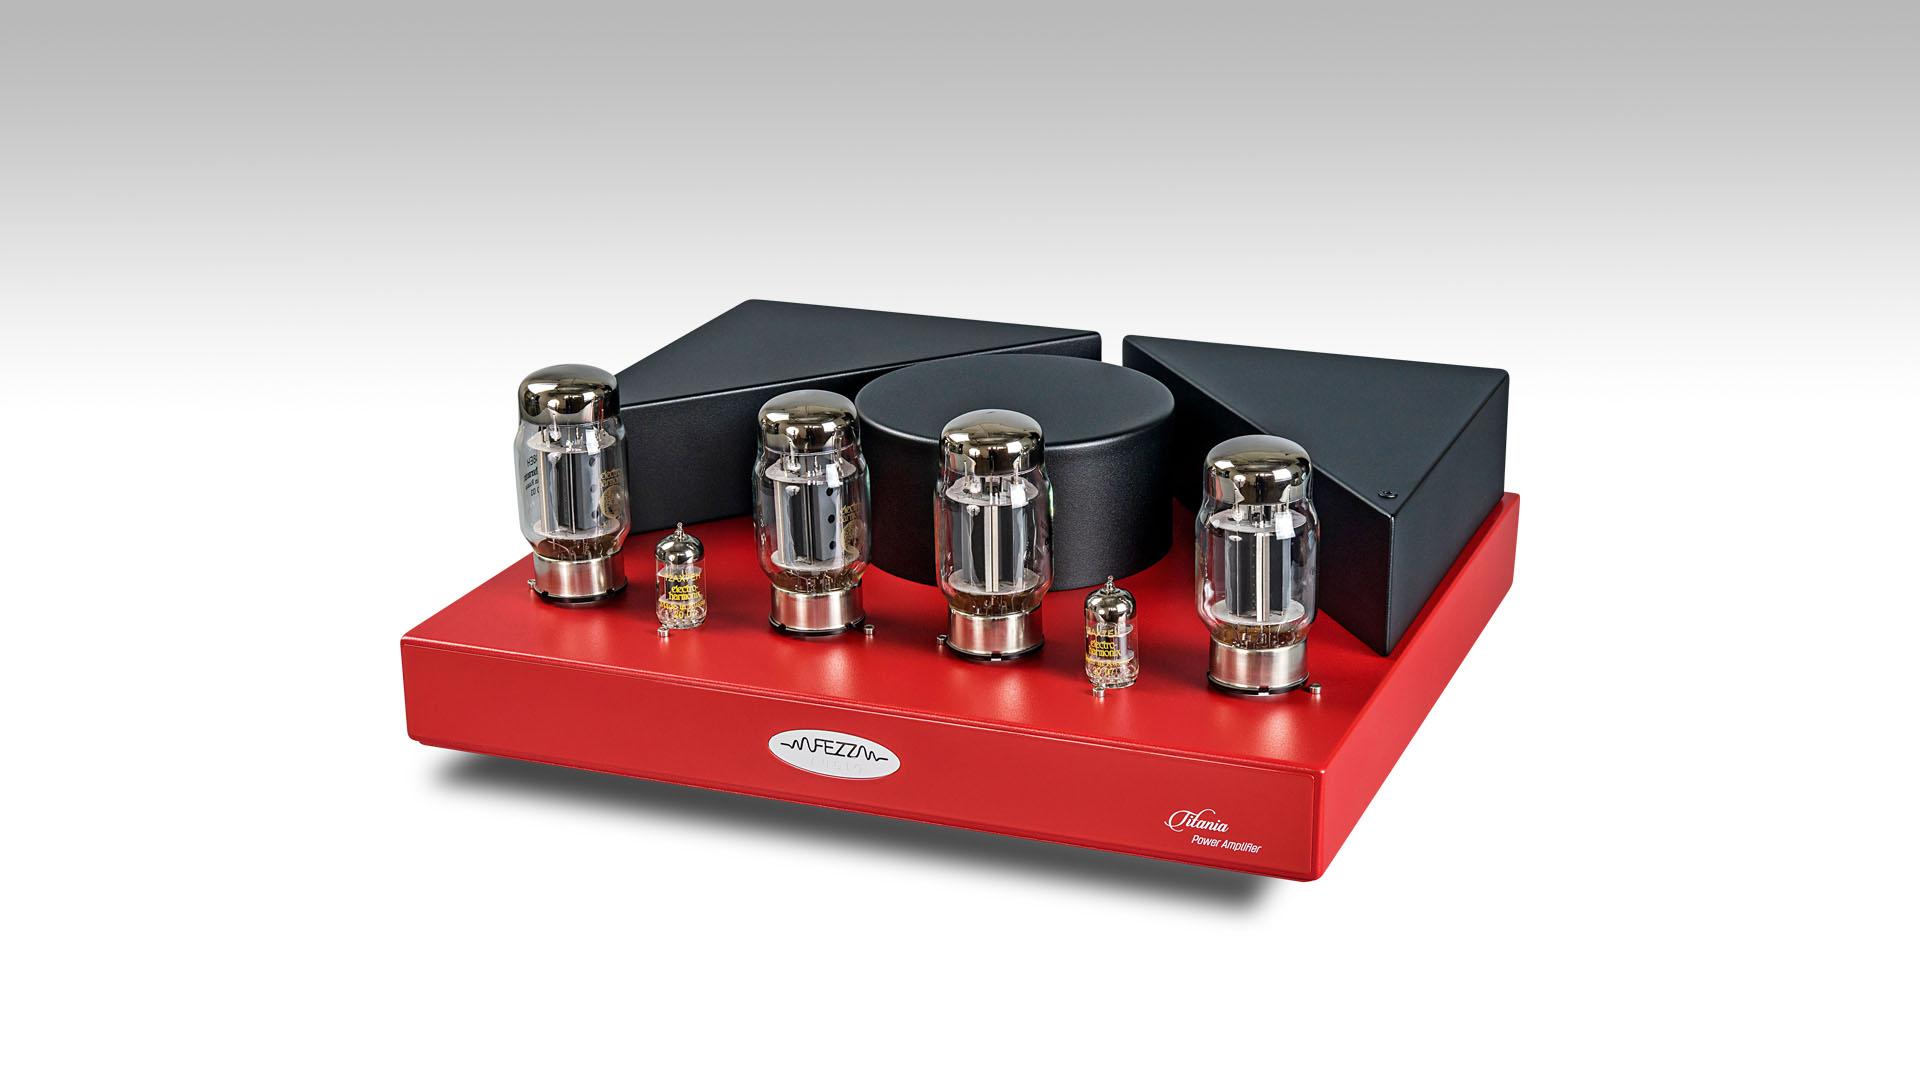 R6 Avantgard Loudspeakers